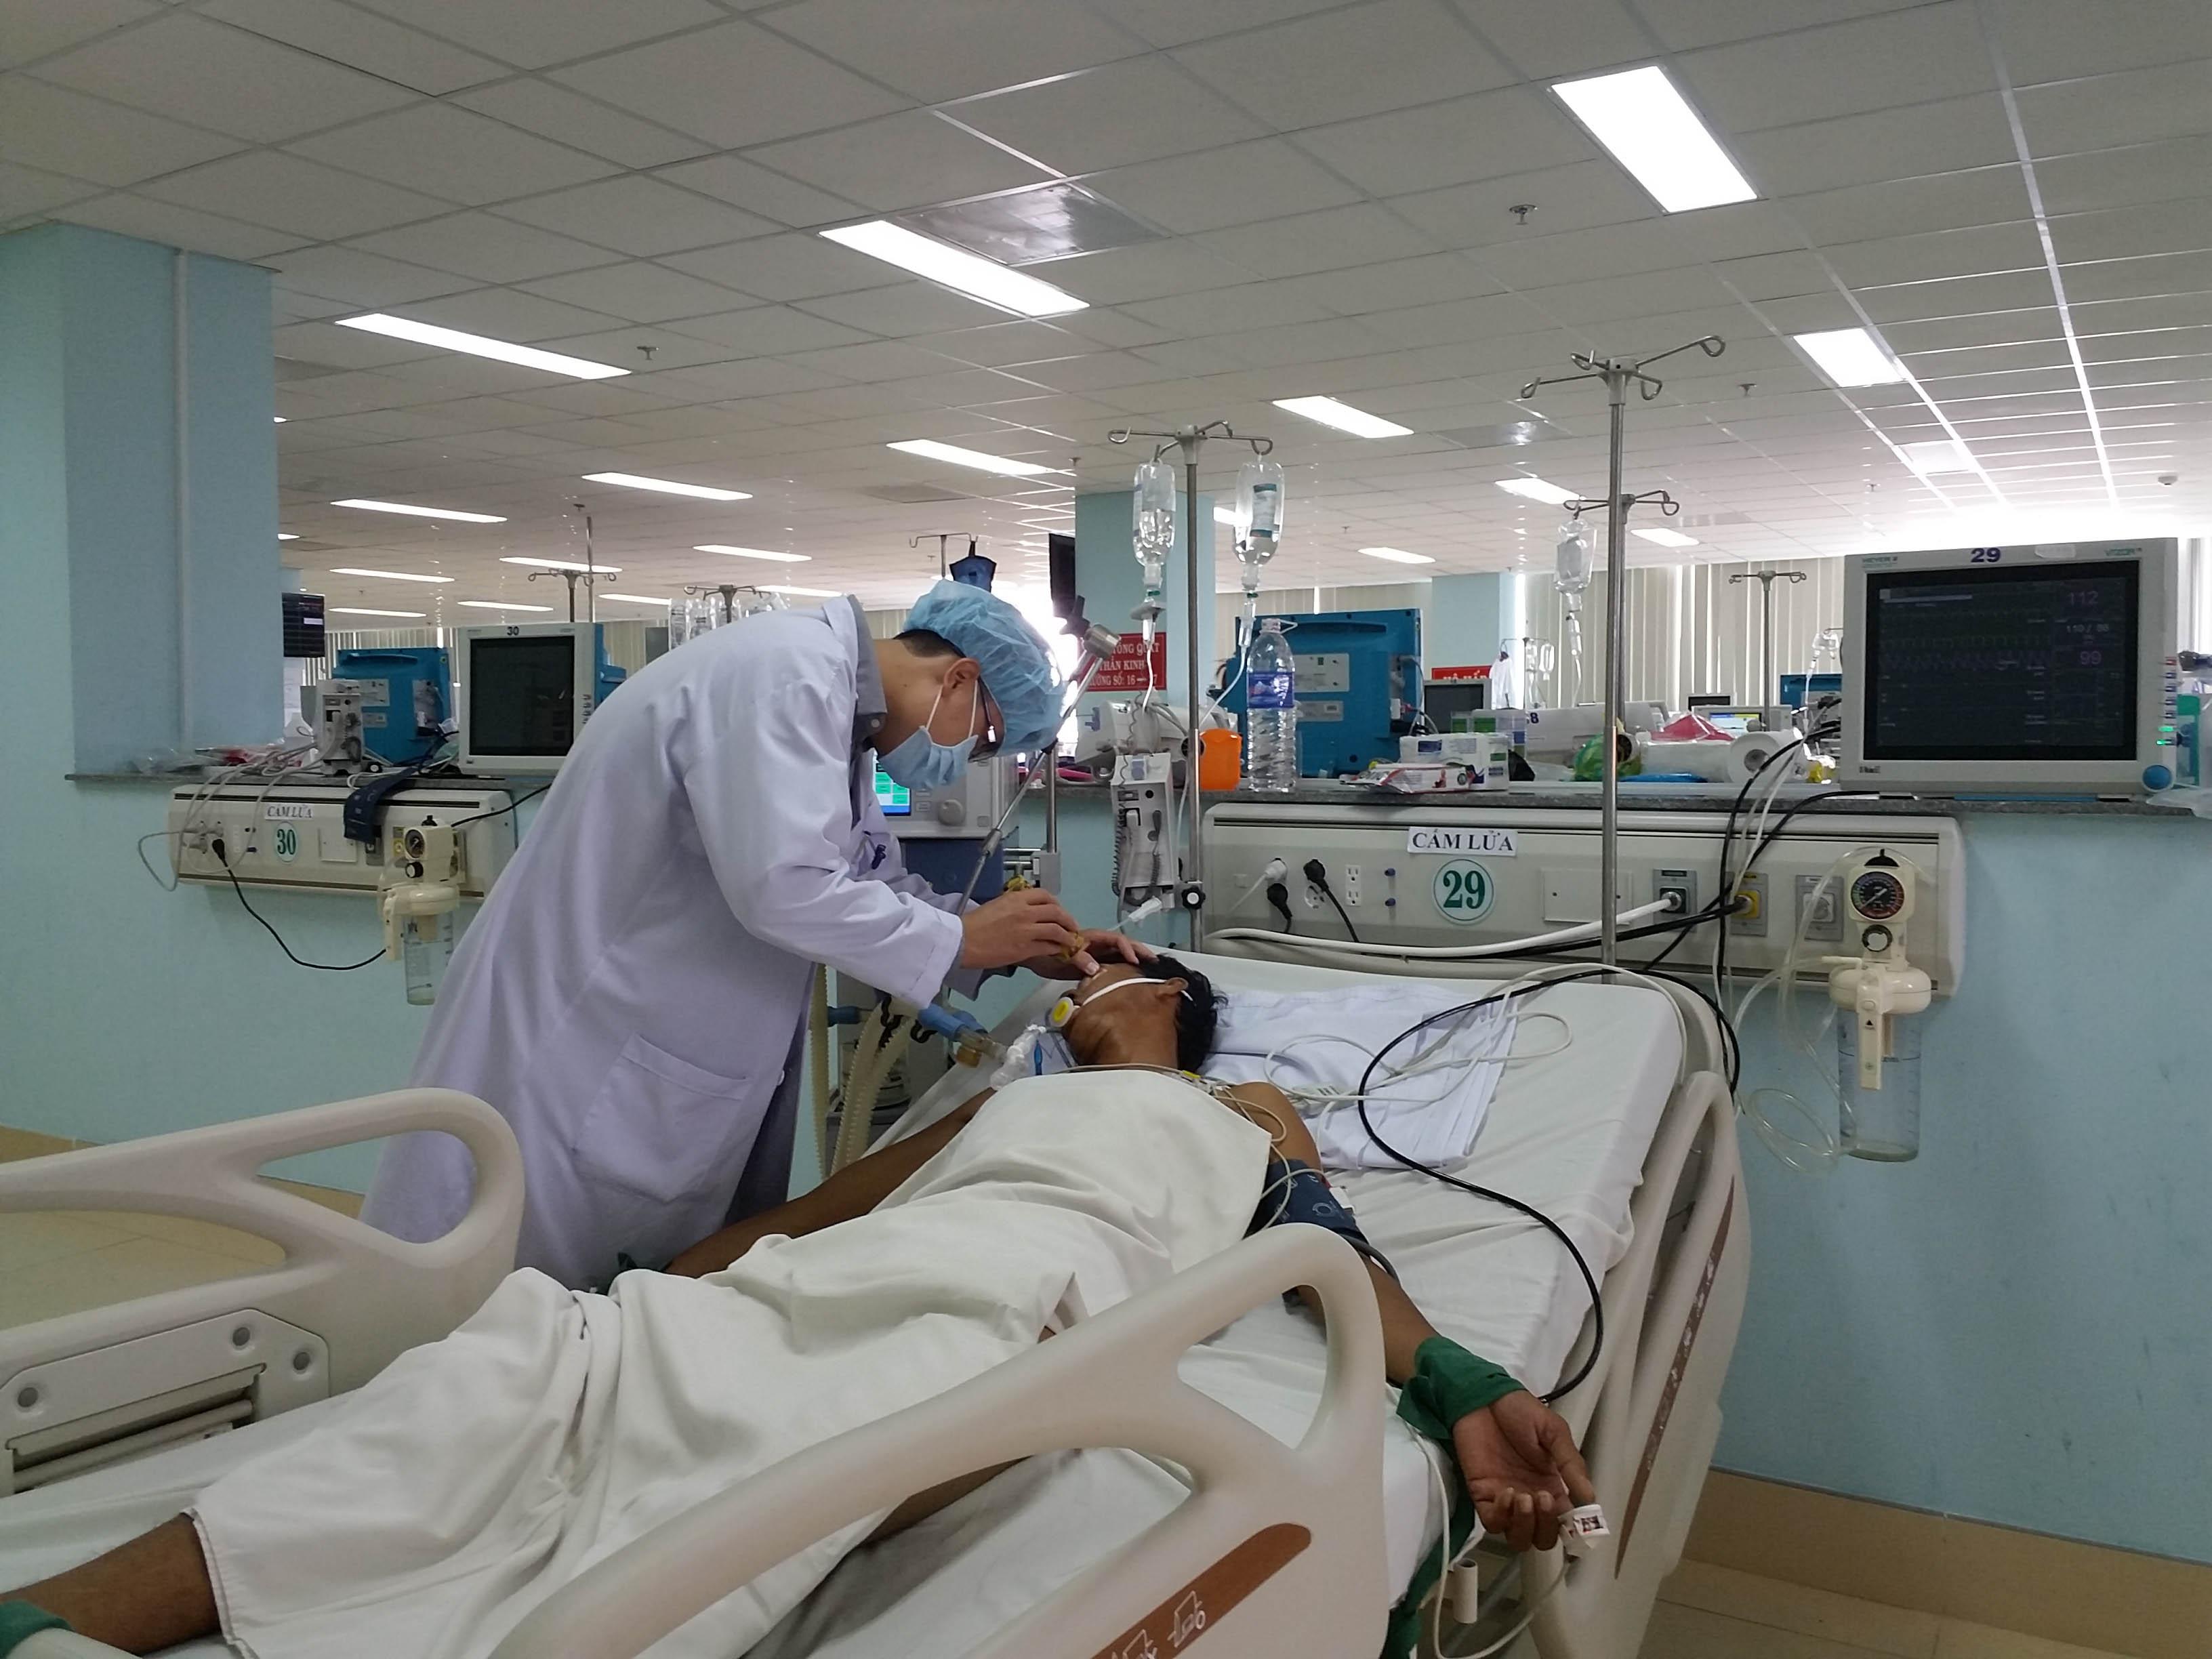 Ông Chau Soc Phol đang được các bác sĩ bệnh viện Bà Rịa kiểm tra tình trạng sức khoẻ